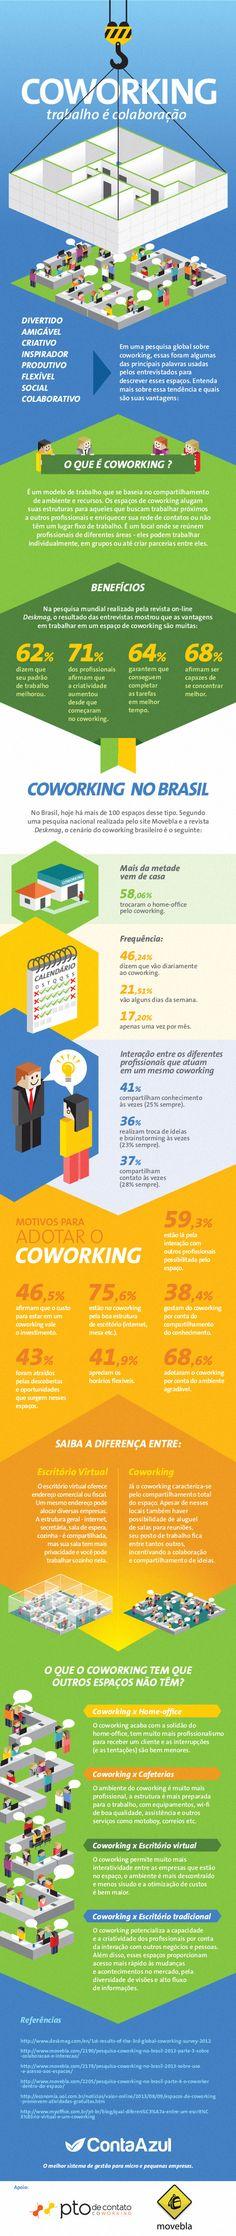 Infográfico sobre coworking e a pesquisa brasileira